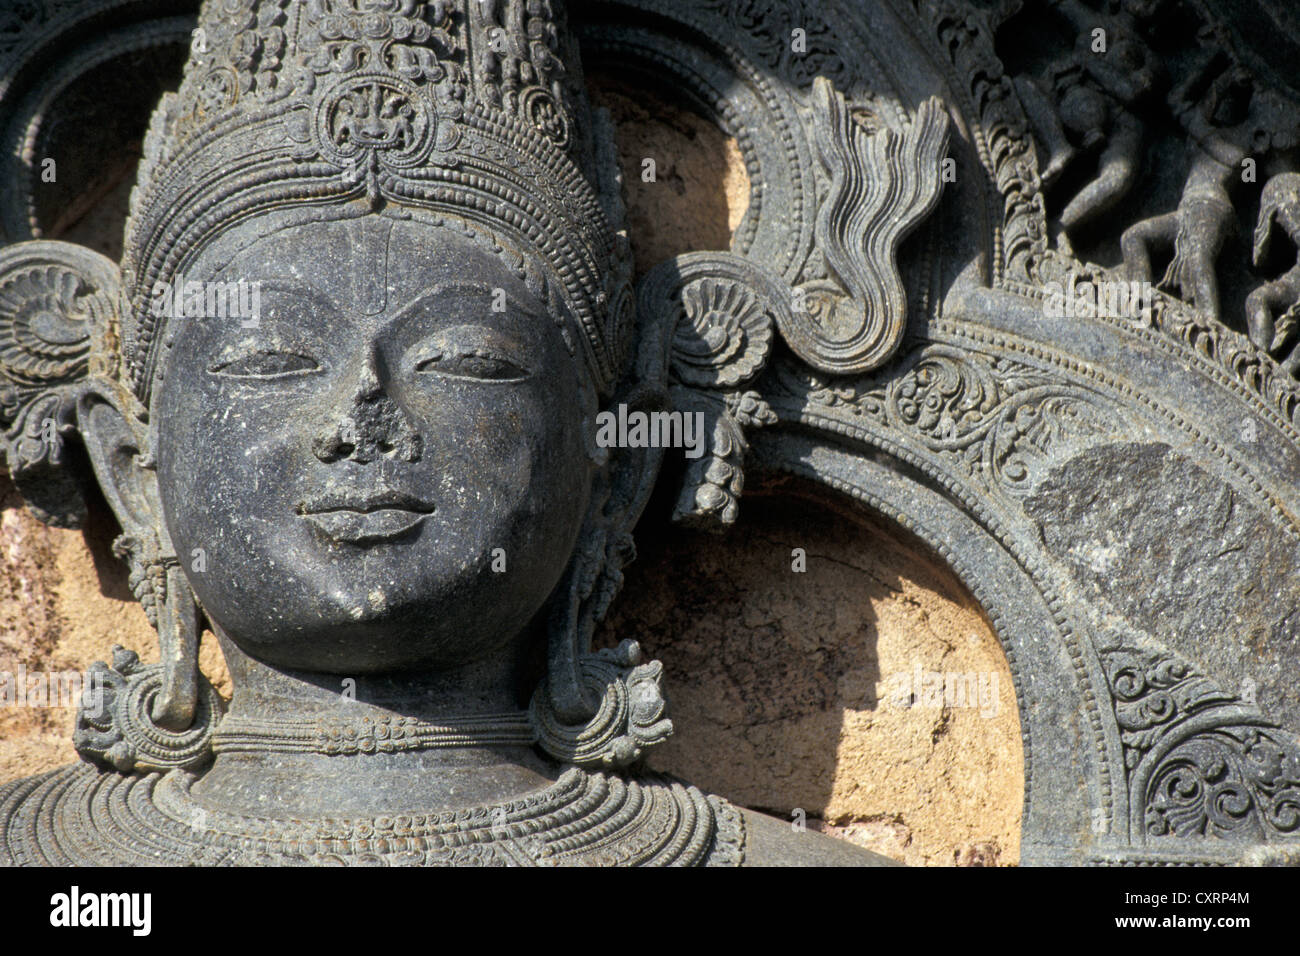 Statua del vedica del dio del sole Surya, del XIII secolo, tempio indù, Surya o Sun tempio, Patrimonio Mondiale Immagini Stock